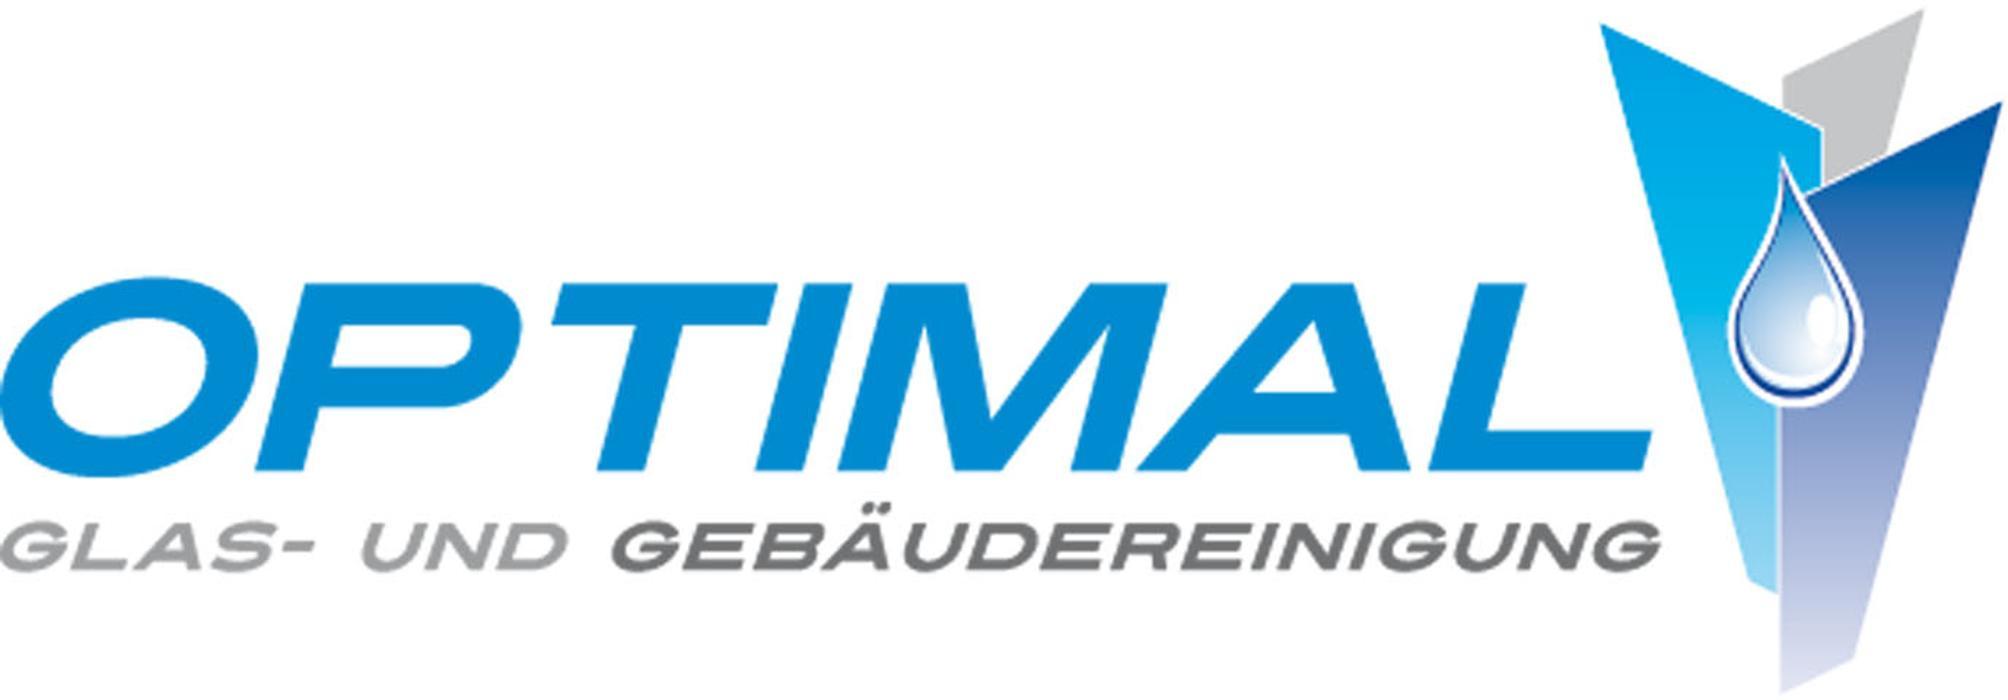 Bild zu Optimal GmbH Glas- und Gebäudereinigung in Weiterstadt